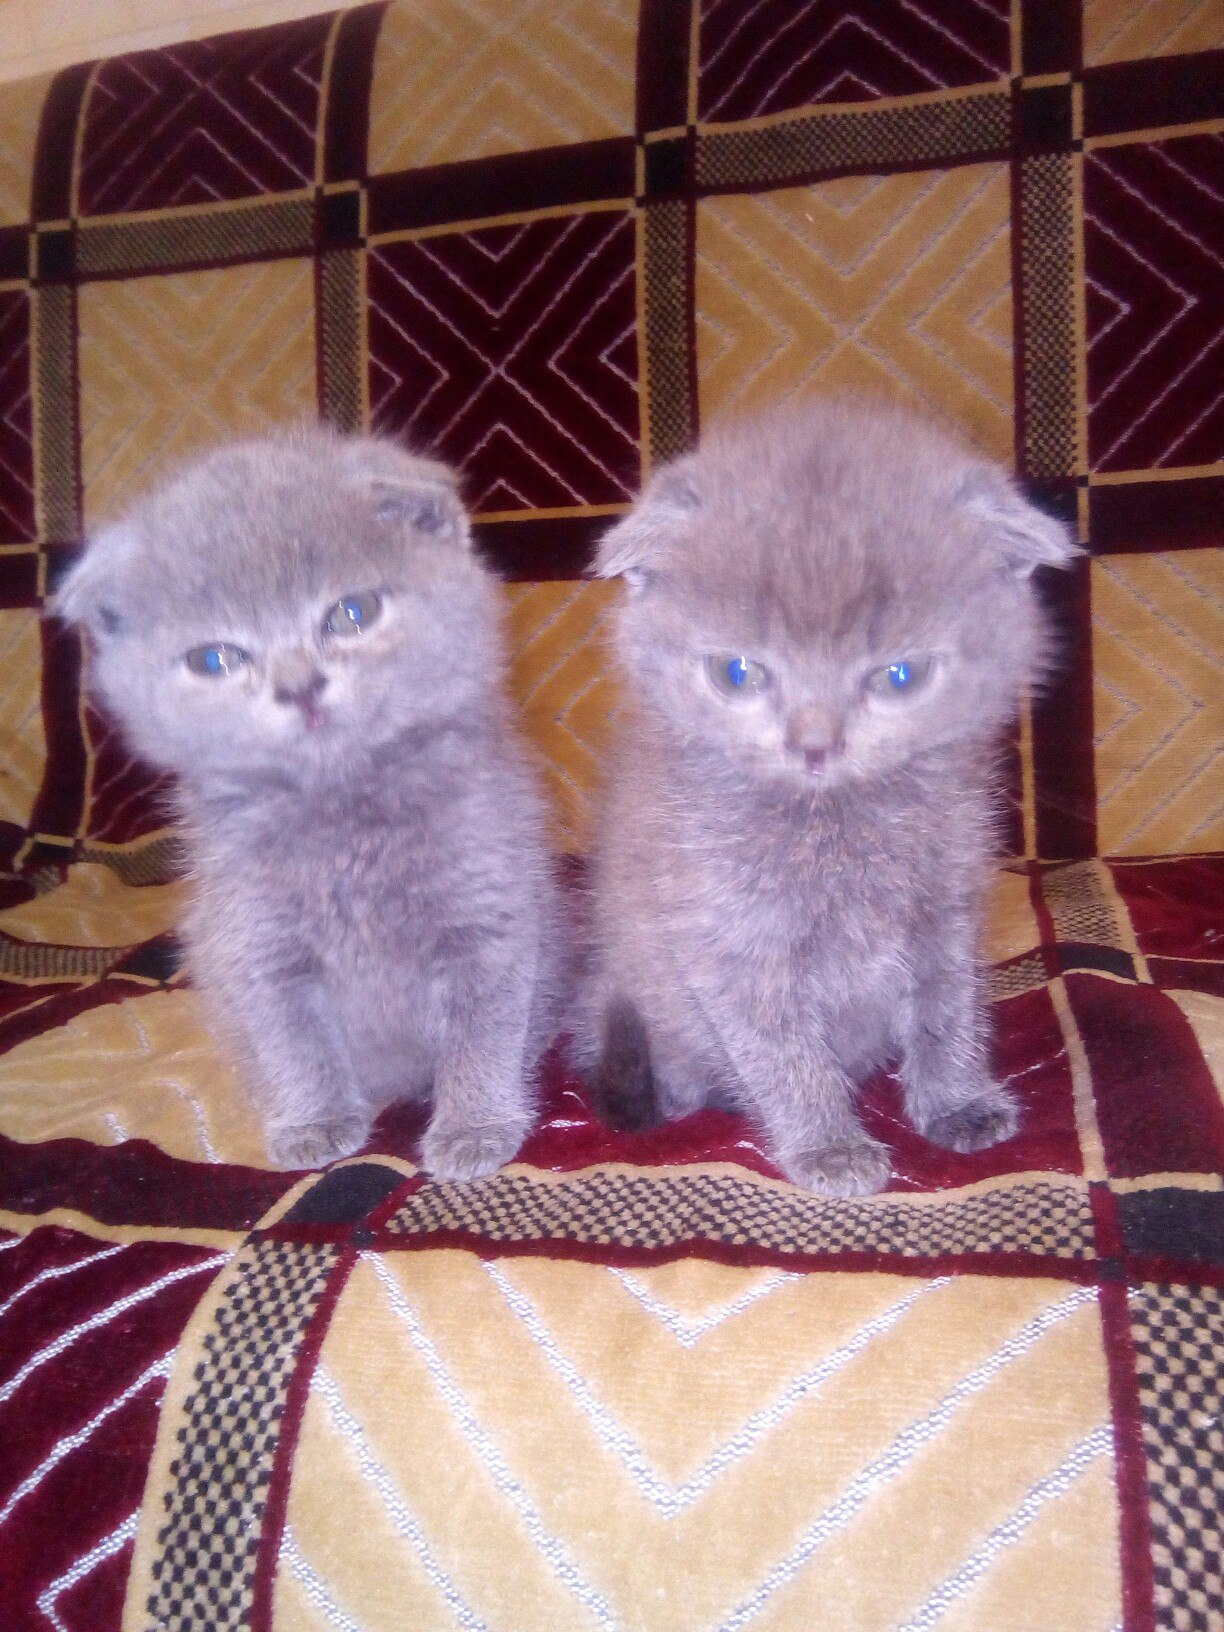 обратном недельные котята шотландские фото большие статьи собственном